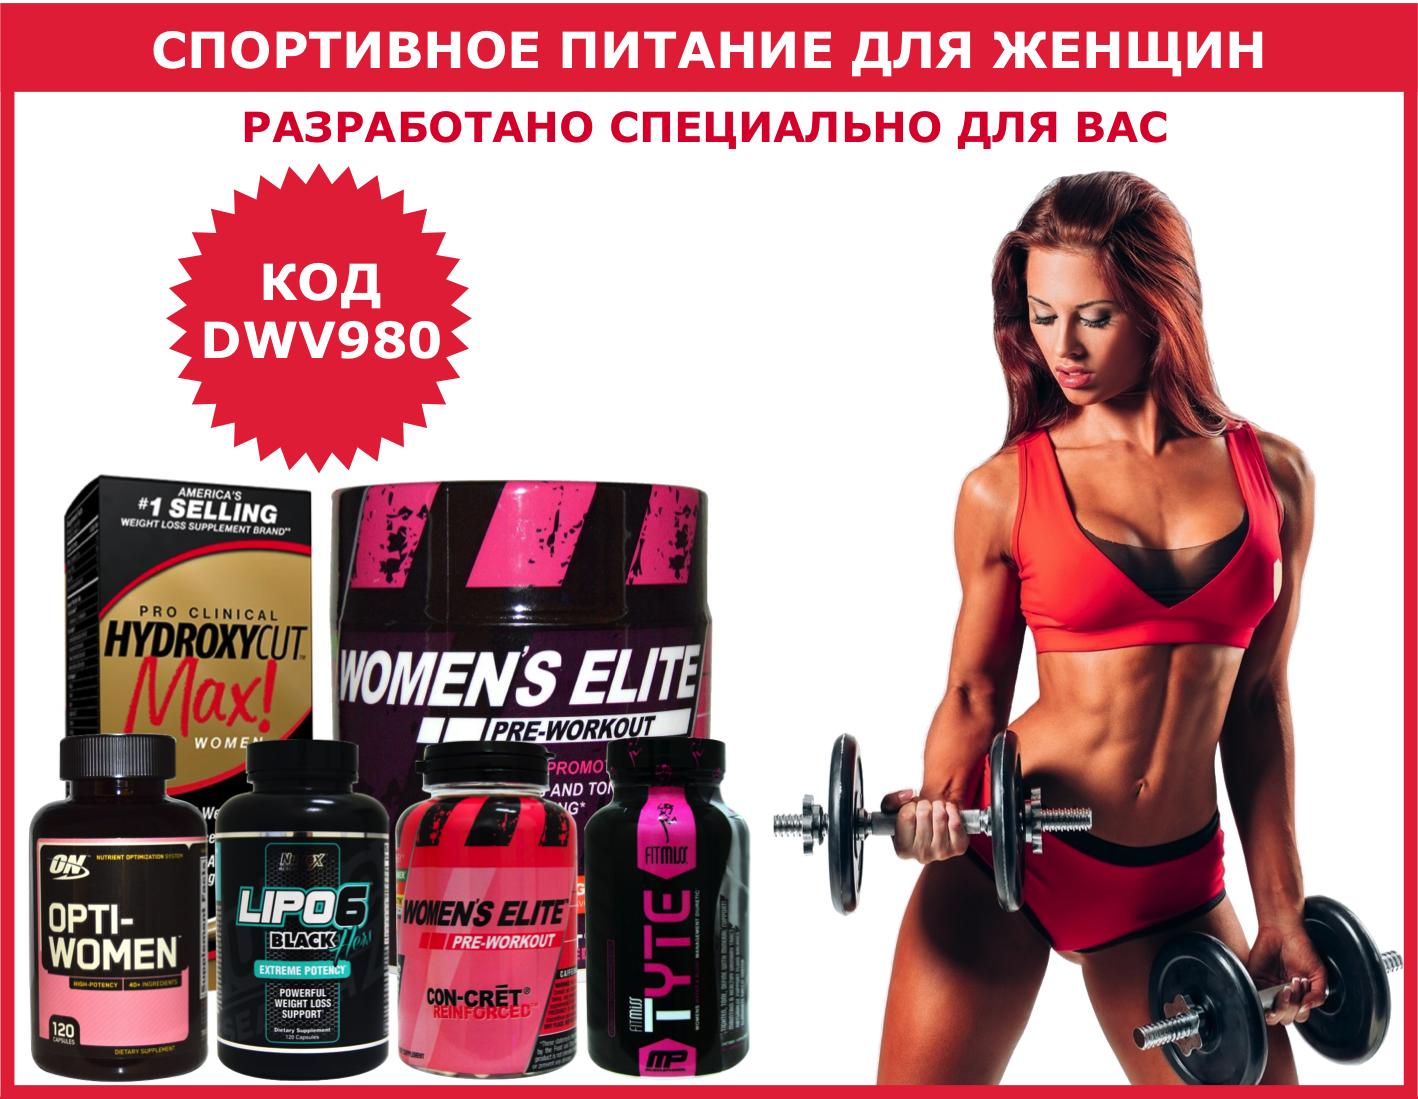 Спортивное питание для похудения с фото